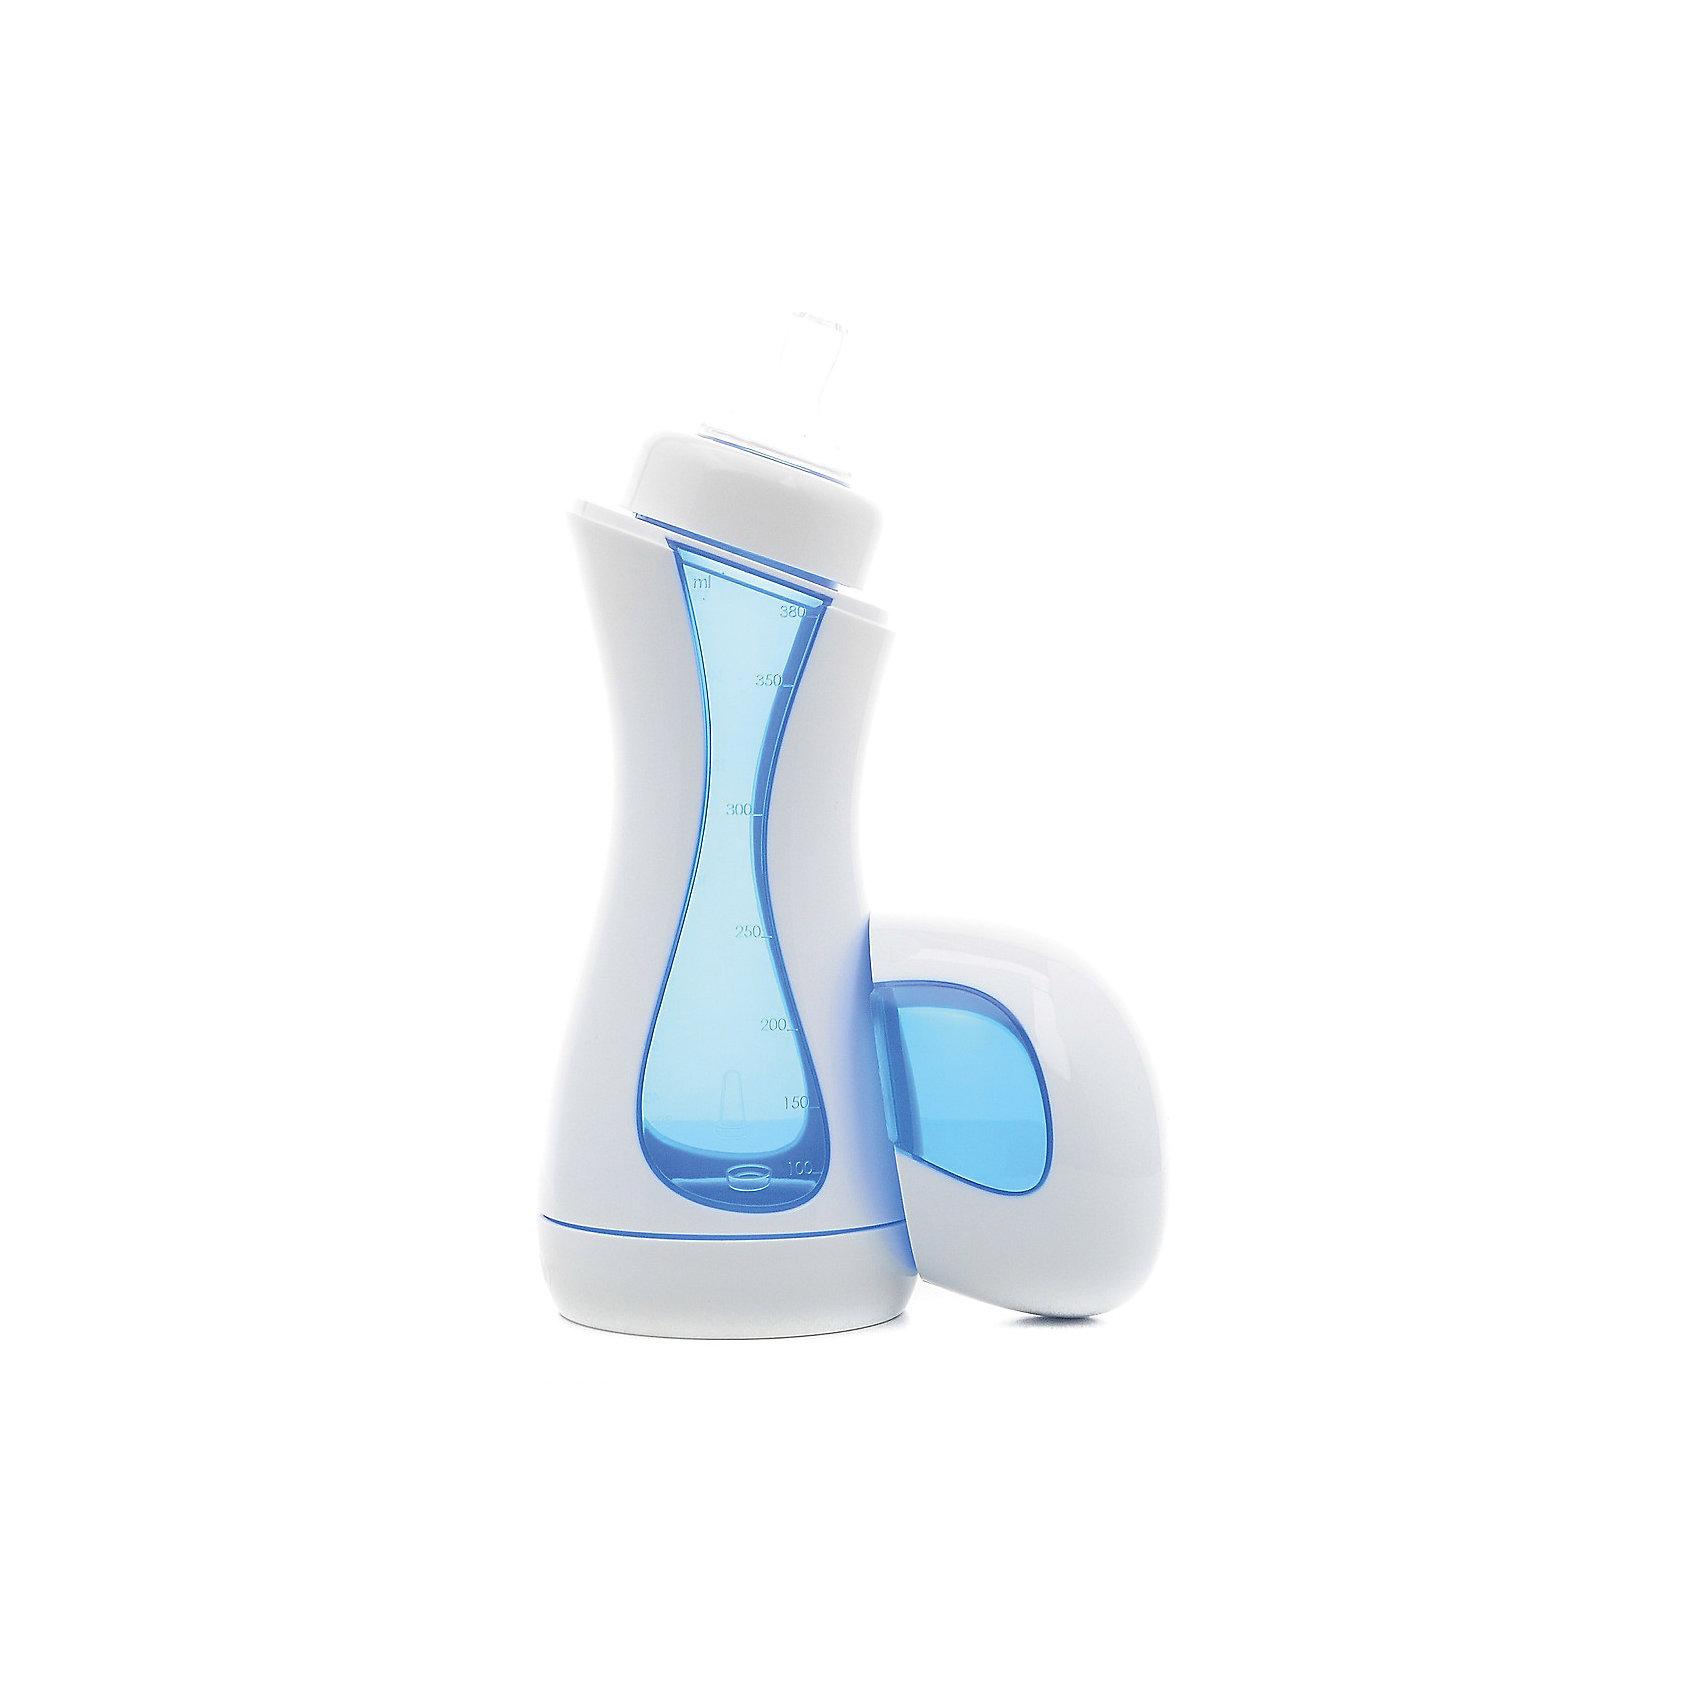 Бутылочка Home, Iiamo, белый/голубойБутылочка Home, Iiamo, белый/голубой – удобство и безопасность для вашего малыша.<br>Красивая и стильная бутылочка сделана с рекомендациями педиатров. Поэтому бутылочку не только удобно держать малышу самостоятельно, но и она помогает избежать колик. Есть крышечка для бутылки, защищающая от попадания грязи и протекания.<br><br>Дополнительная информация:<br><br>- объем: 380 мл<br>- материал бутылочки: полипропилен, не содержит бисфенол А<br>- материал соски: силикон <br>- цвет: белый, голубой<br><br>Бутылочку Home, Iiamo, белый/голубой можно купить в нашем интернет магазине.<br><br>Ширина мм: 77<br>Глубина мм: 77<br>Высота мм: 212<br>Вес г: 150<br>Возраст от месяцев: 6<br>Возраст до месяцев: 36<br>Пол: Мужской<br>Возраст: Детский<br>SKU: 5007200